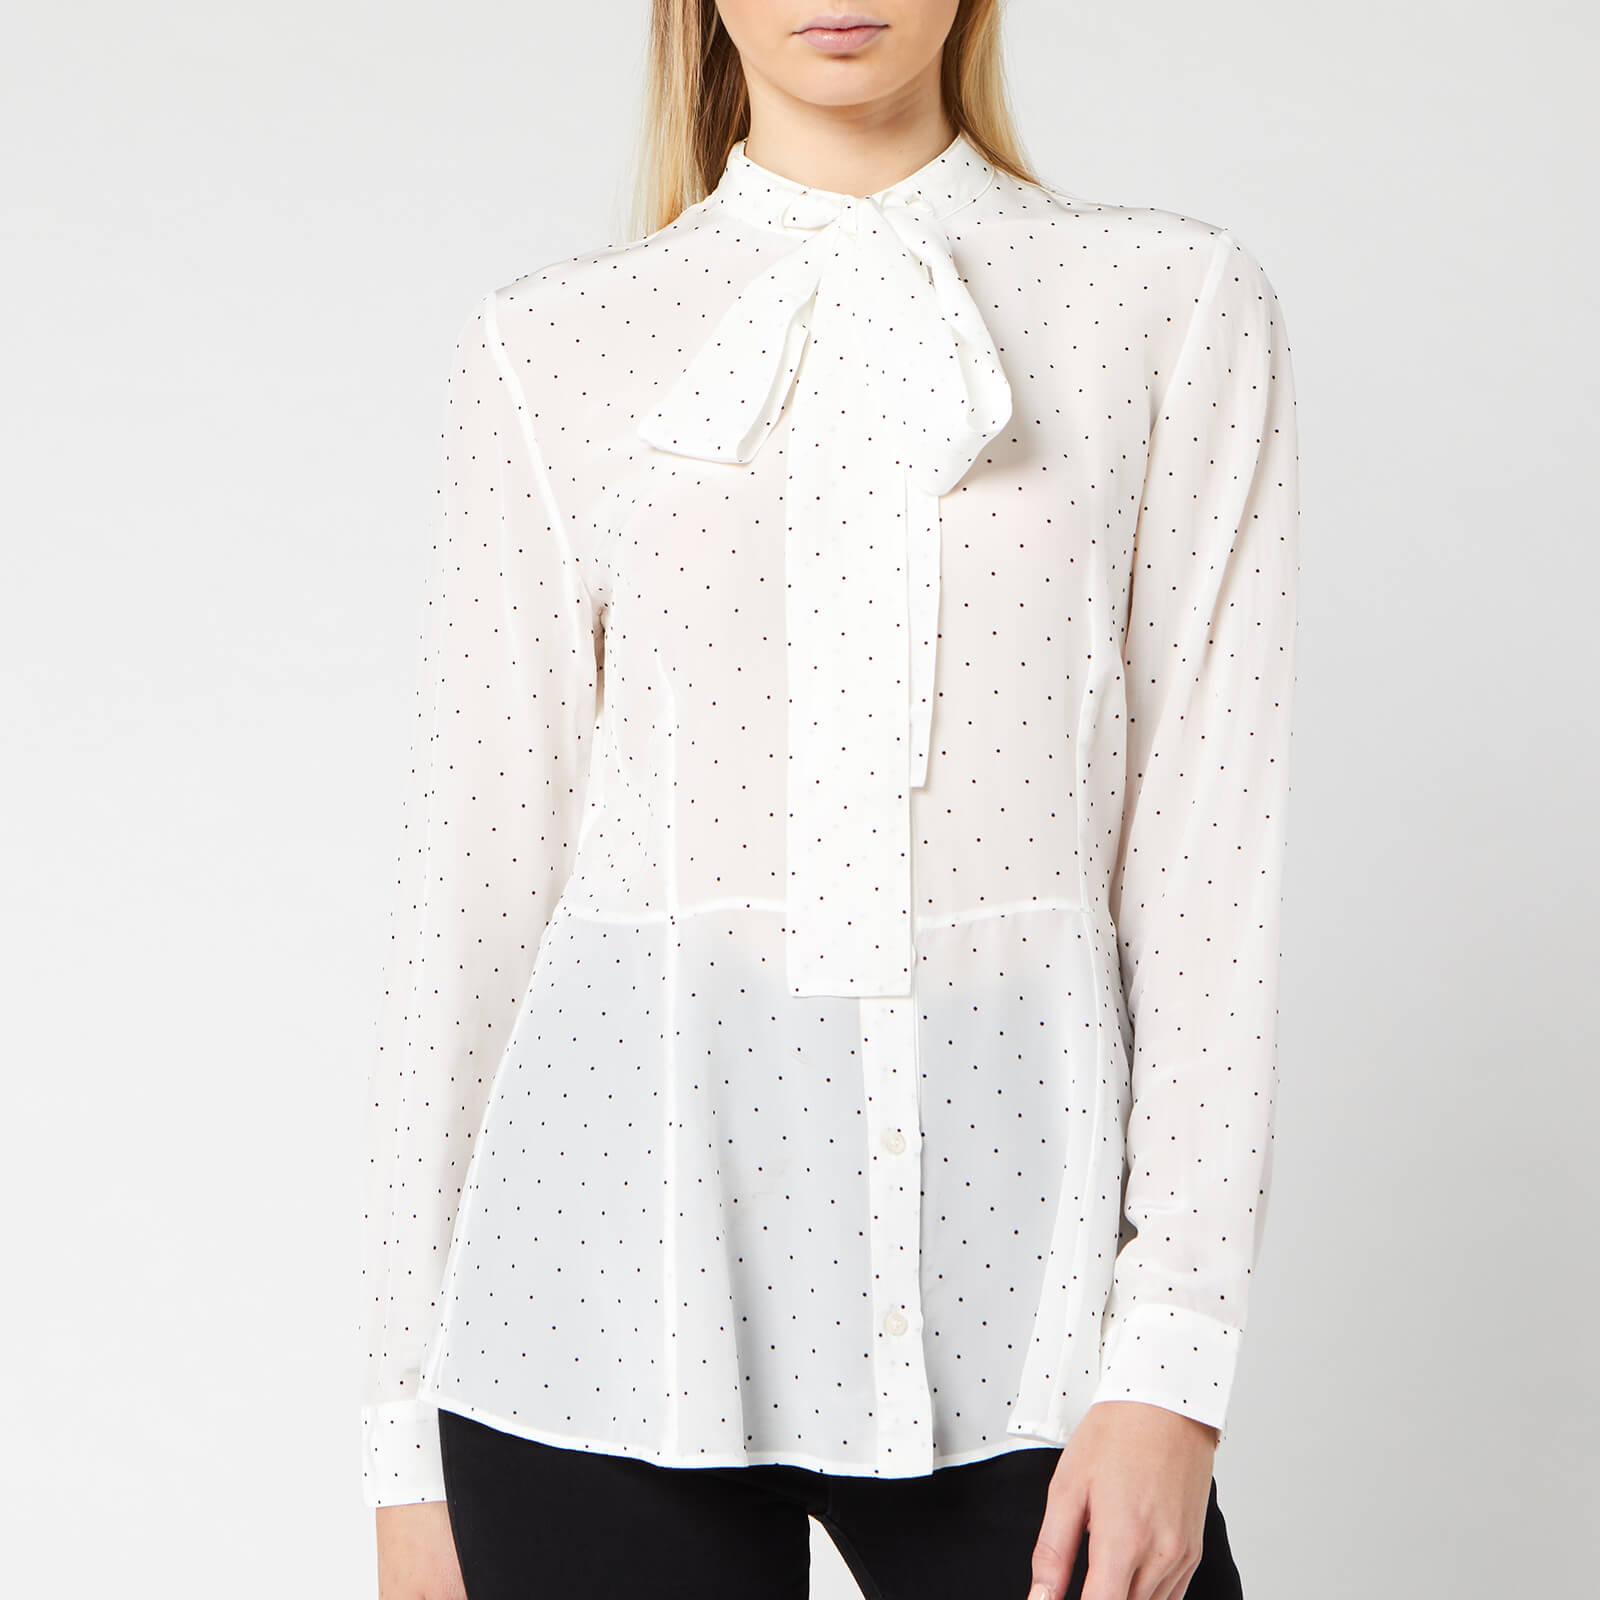 Boss Women's Elkasia Blouse - White Polka Dot - UK 10